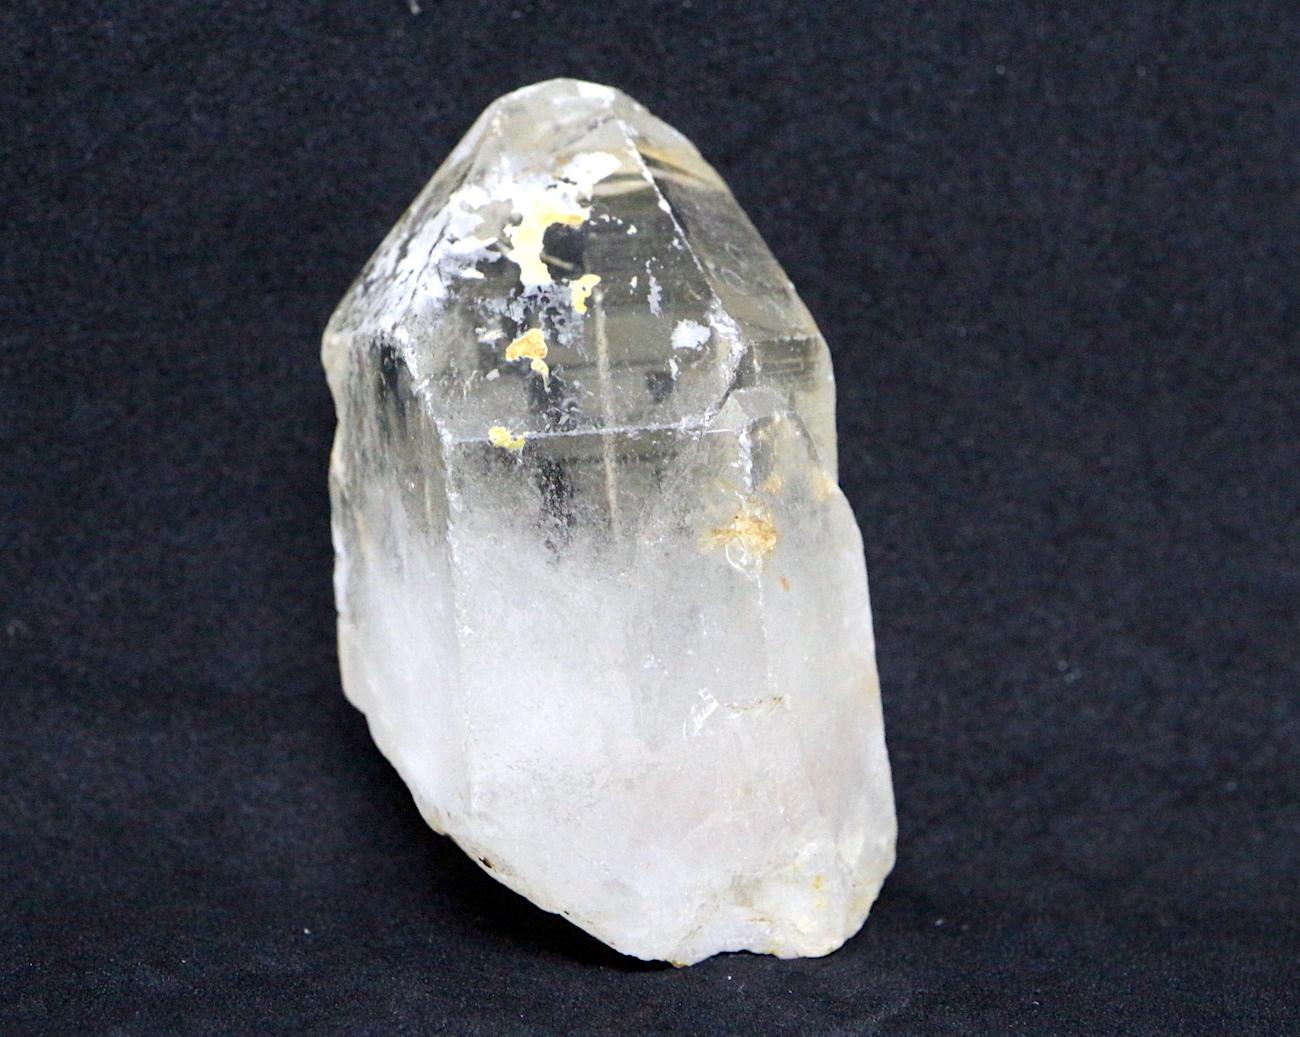 カリフォルニア産 自主採掘 クォーツ 水晶 ポイント QZ018